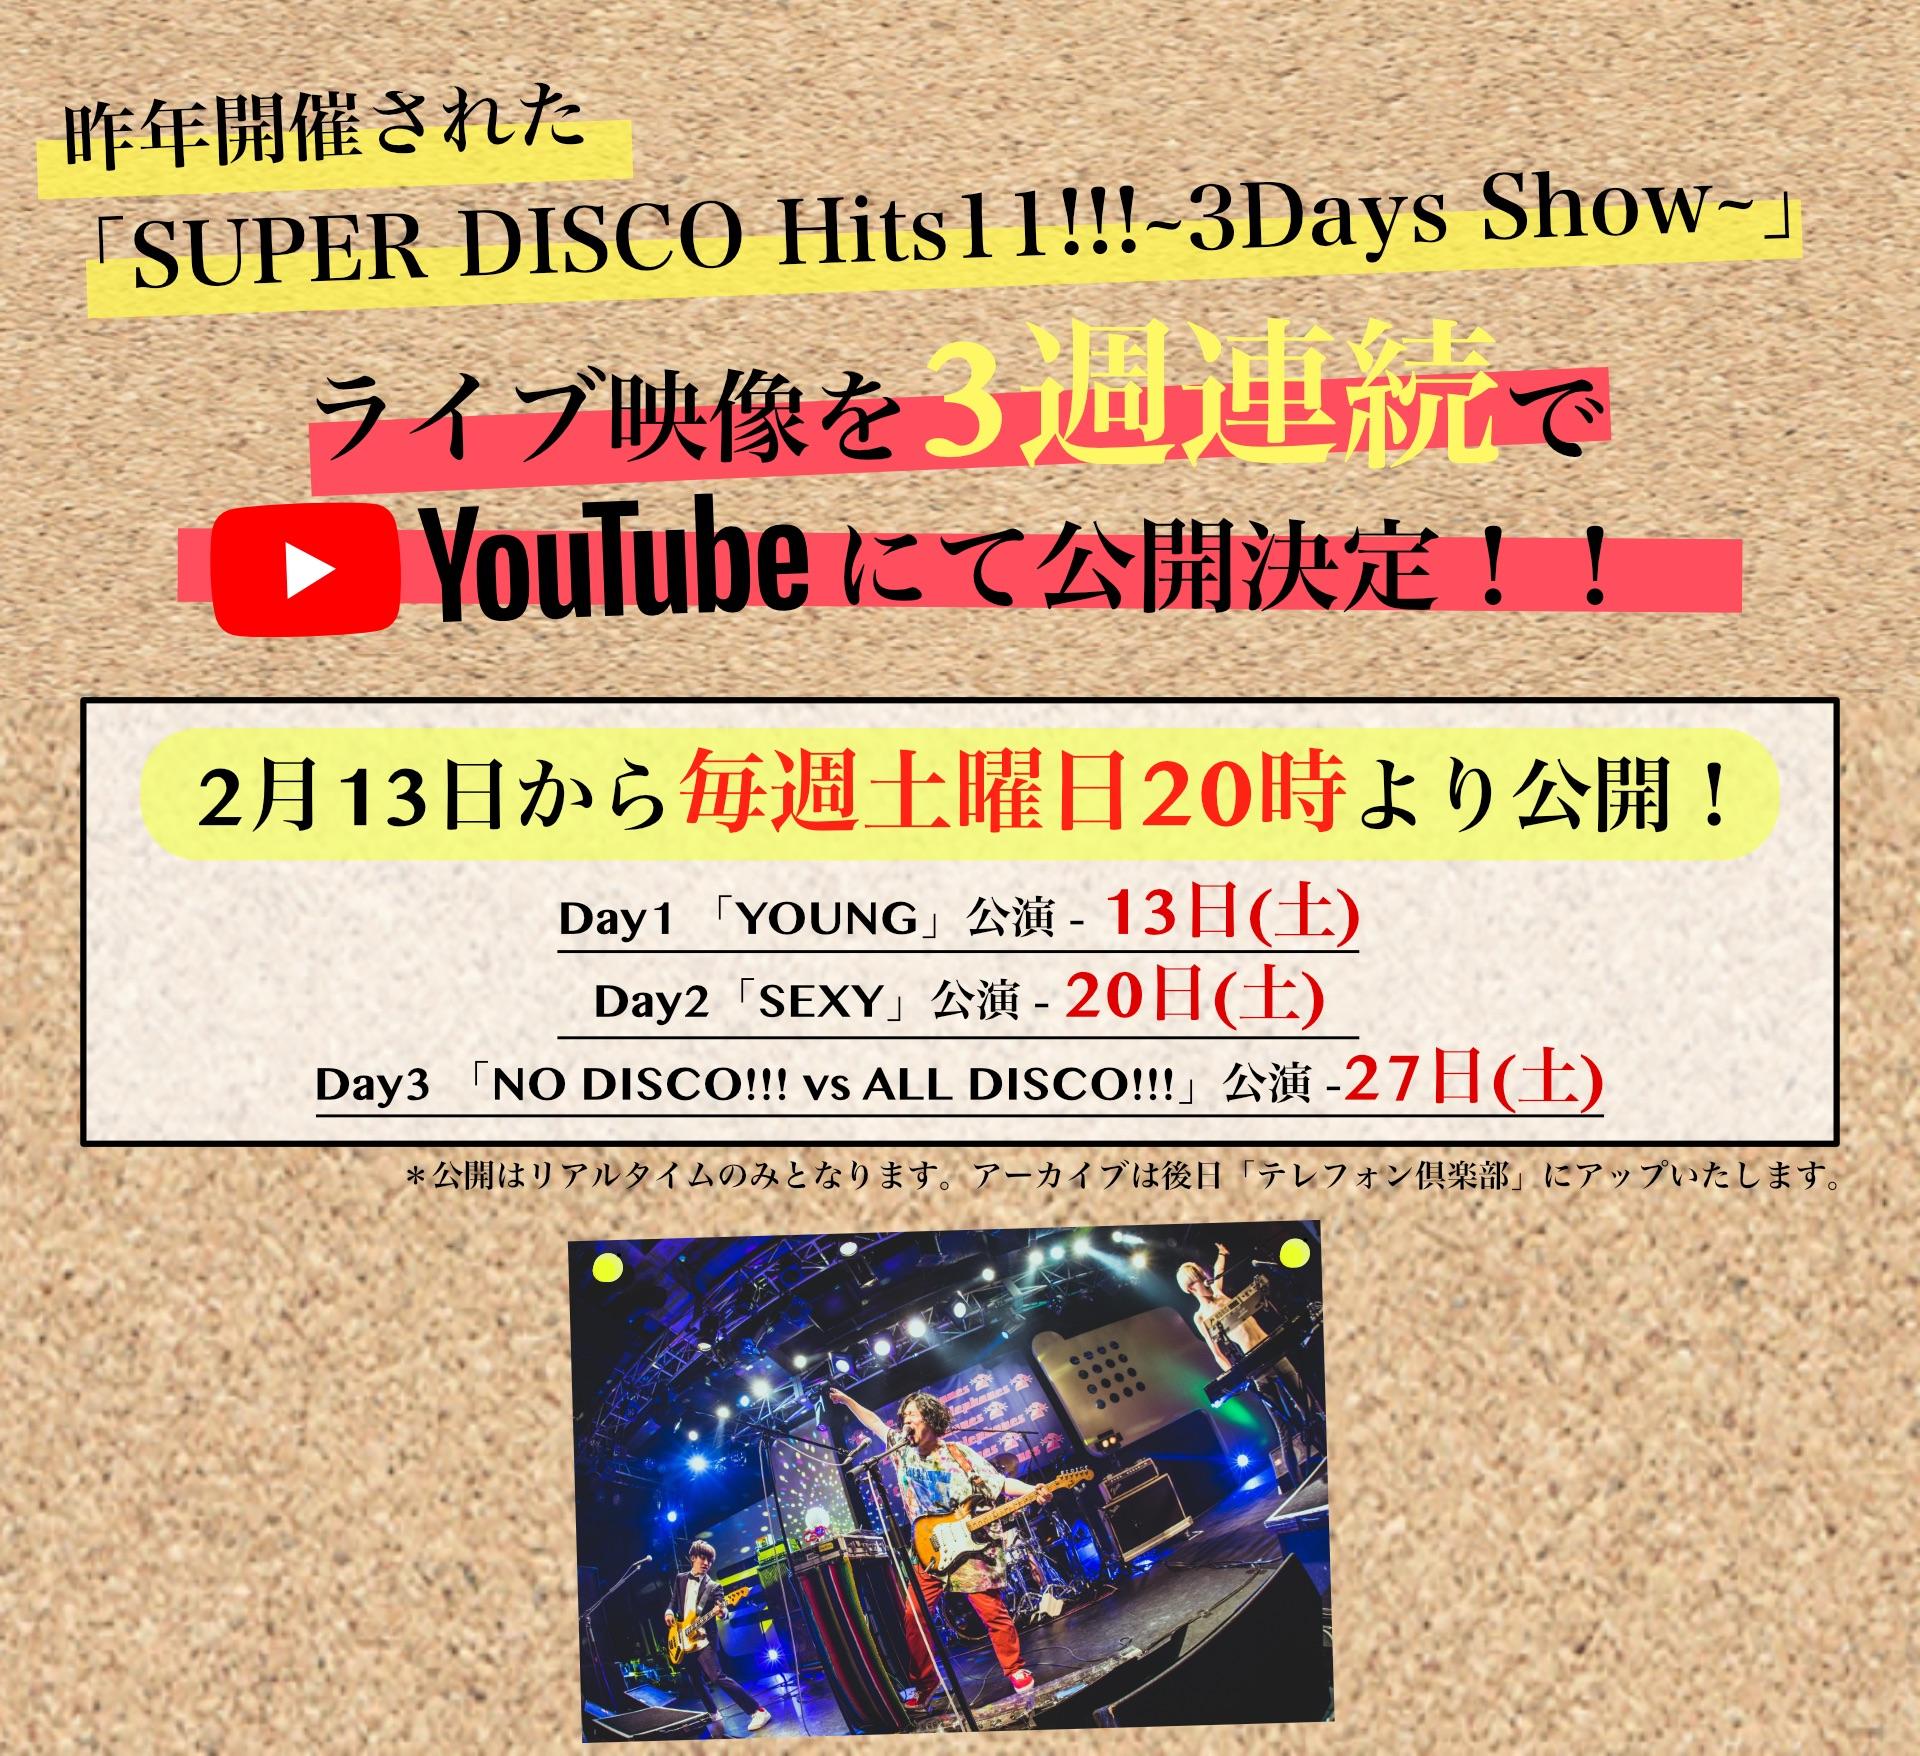 SDH11!!! ライブ映像公開_情報解禁フライヤー